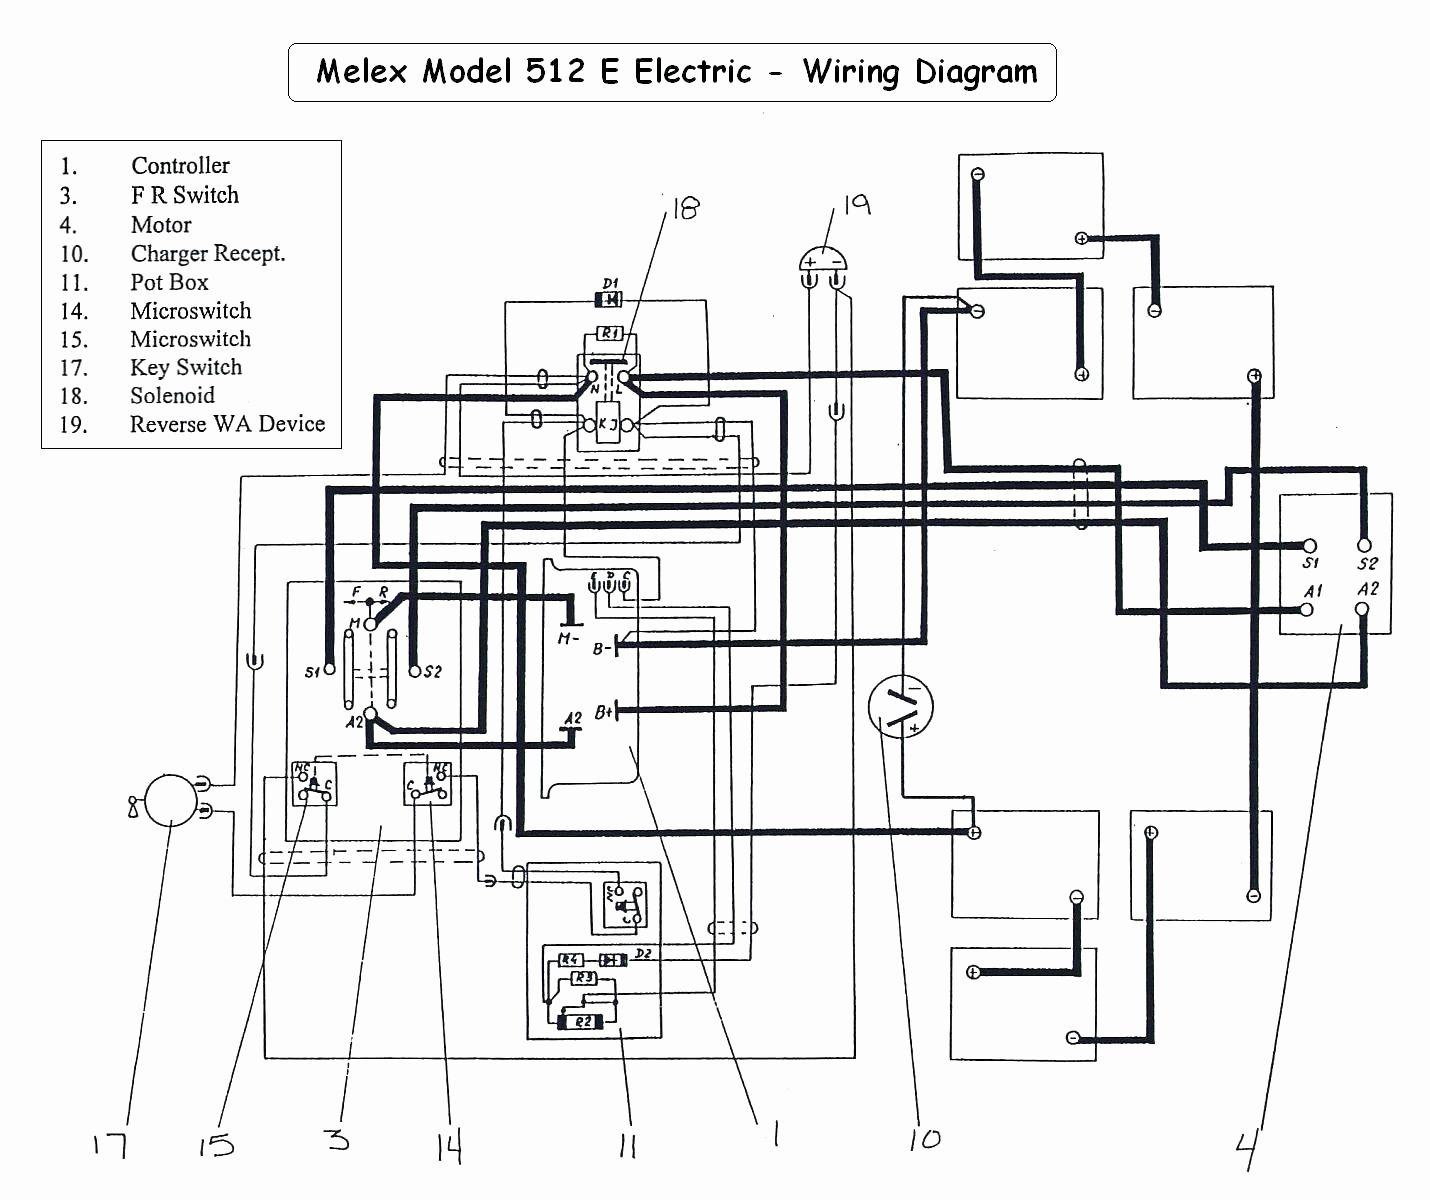 E Z Go Golf Cart Batteries Wiring Diagram | Wiring Diagram - Club Car Battery Wiring Diagram 48 Volt